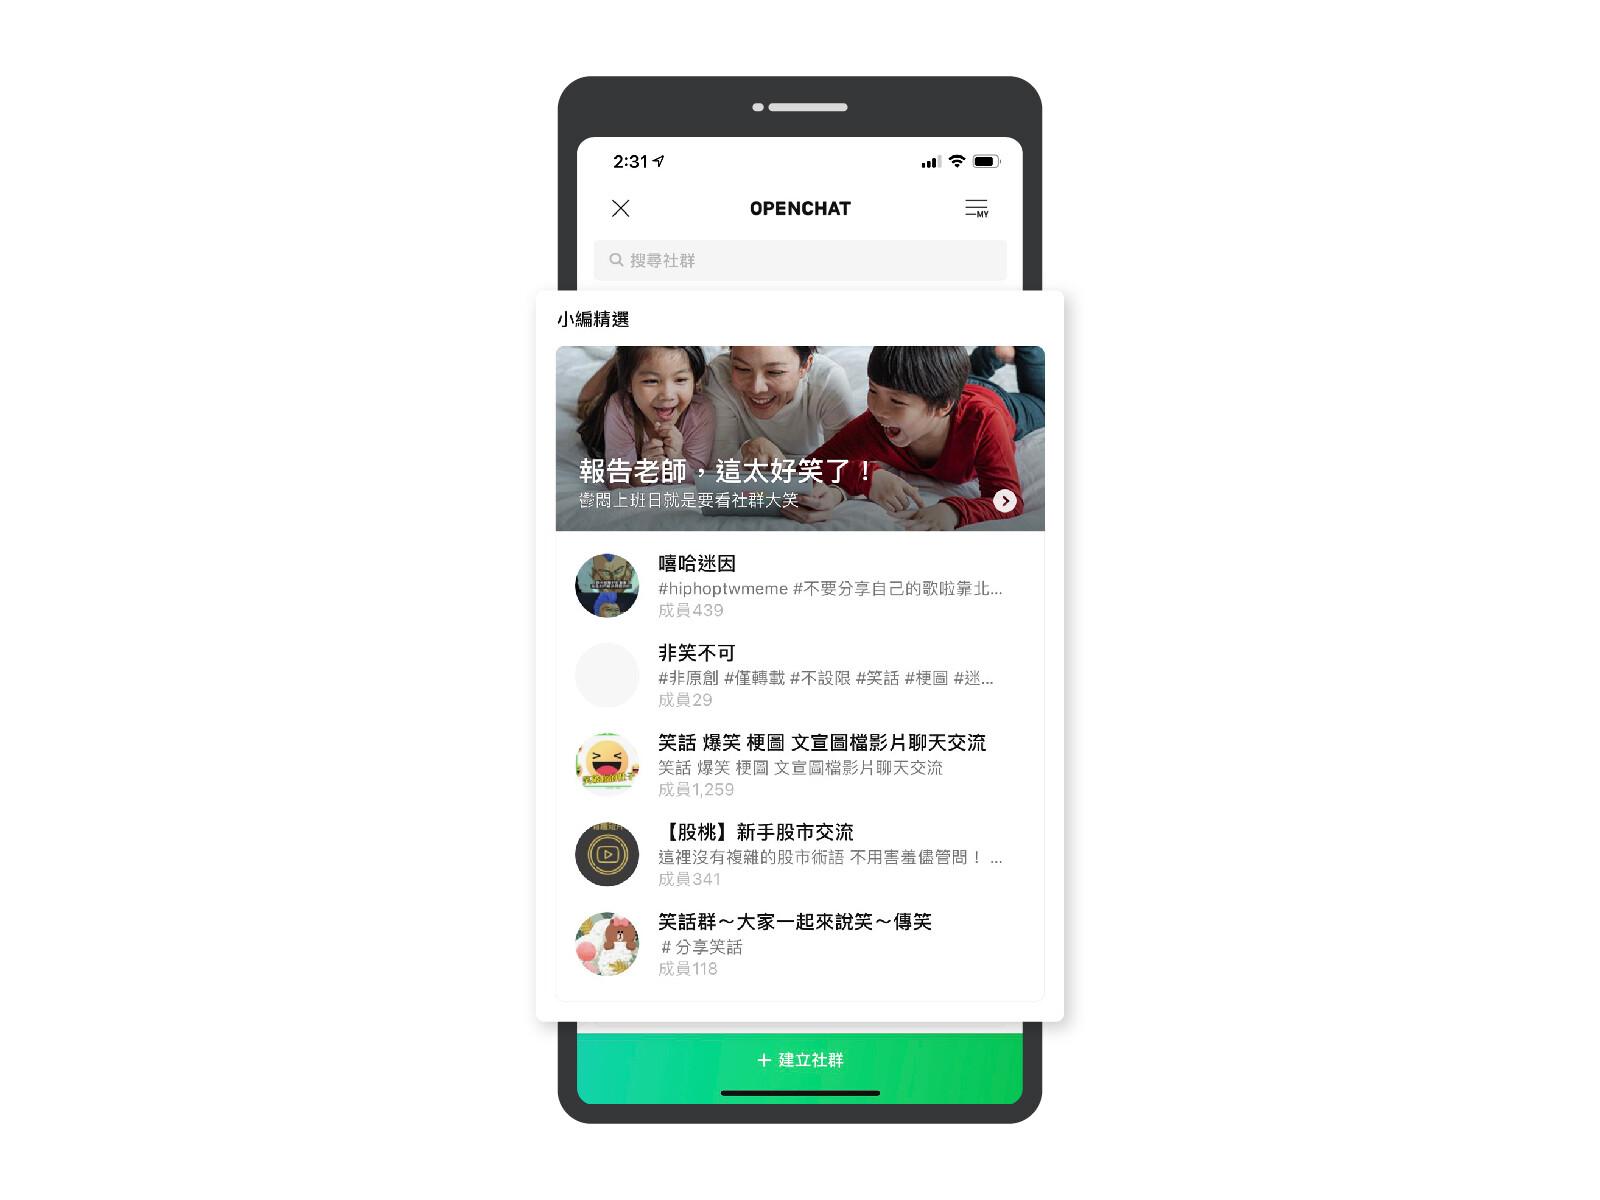 LINE App OpenChat_UI - 2 (調整畫質)